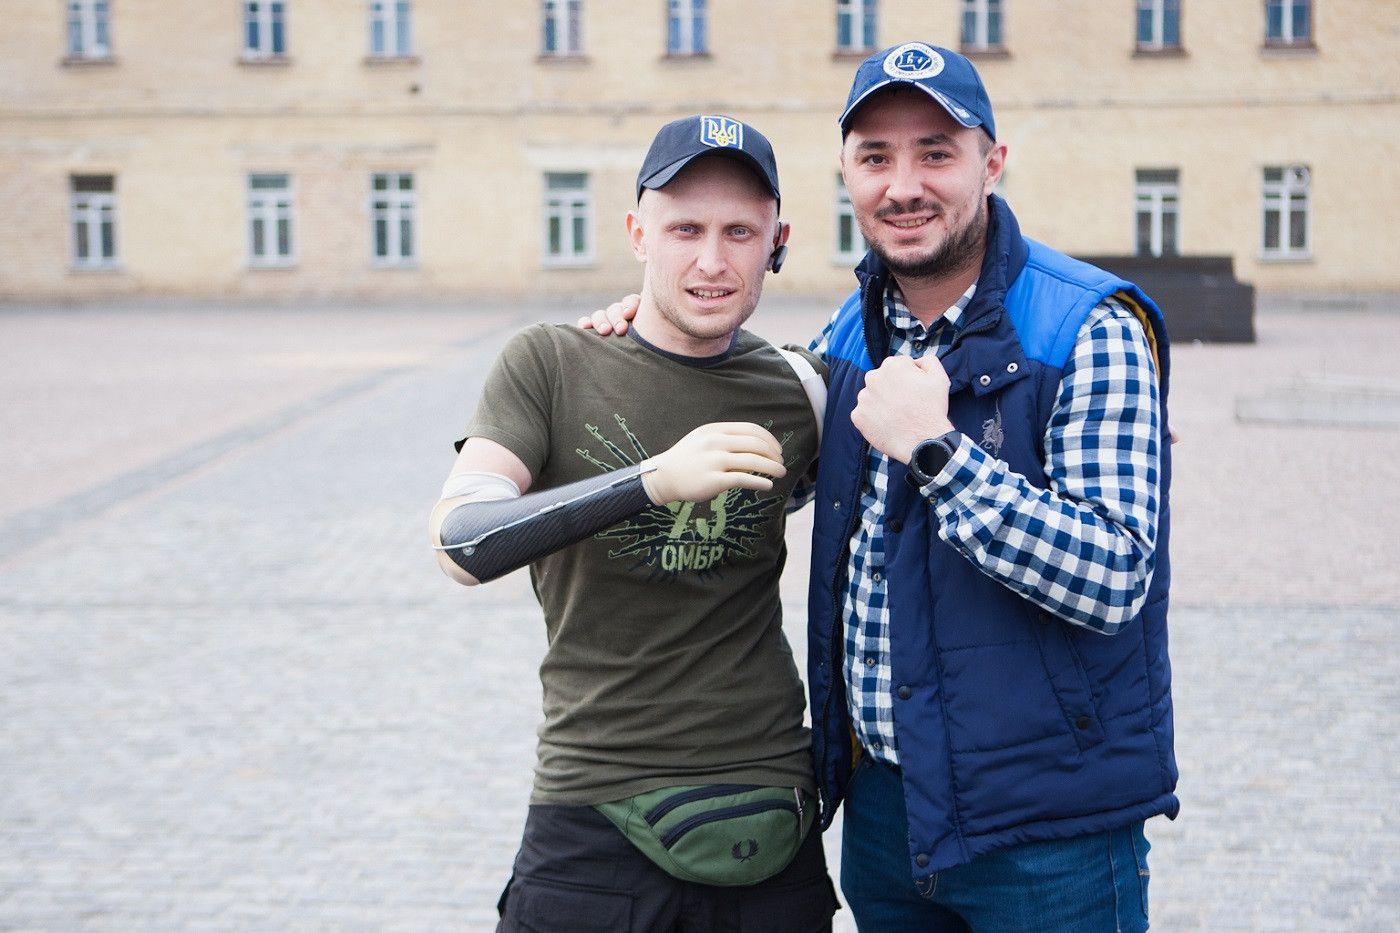 Переможці забіг Дніпро_4